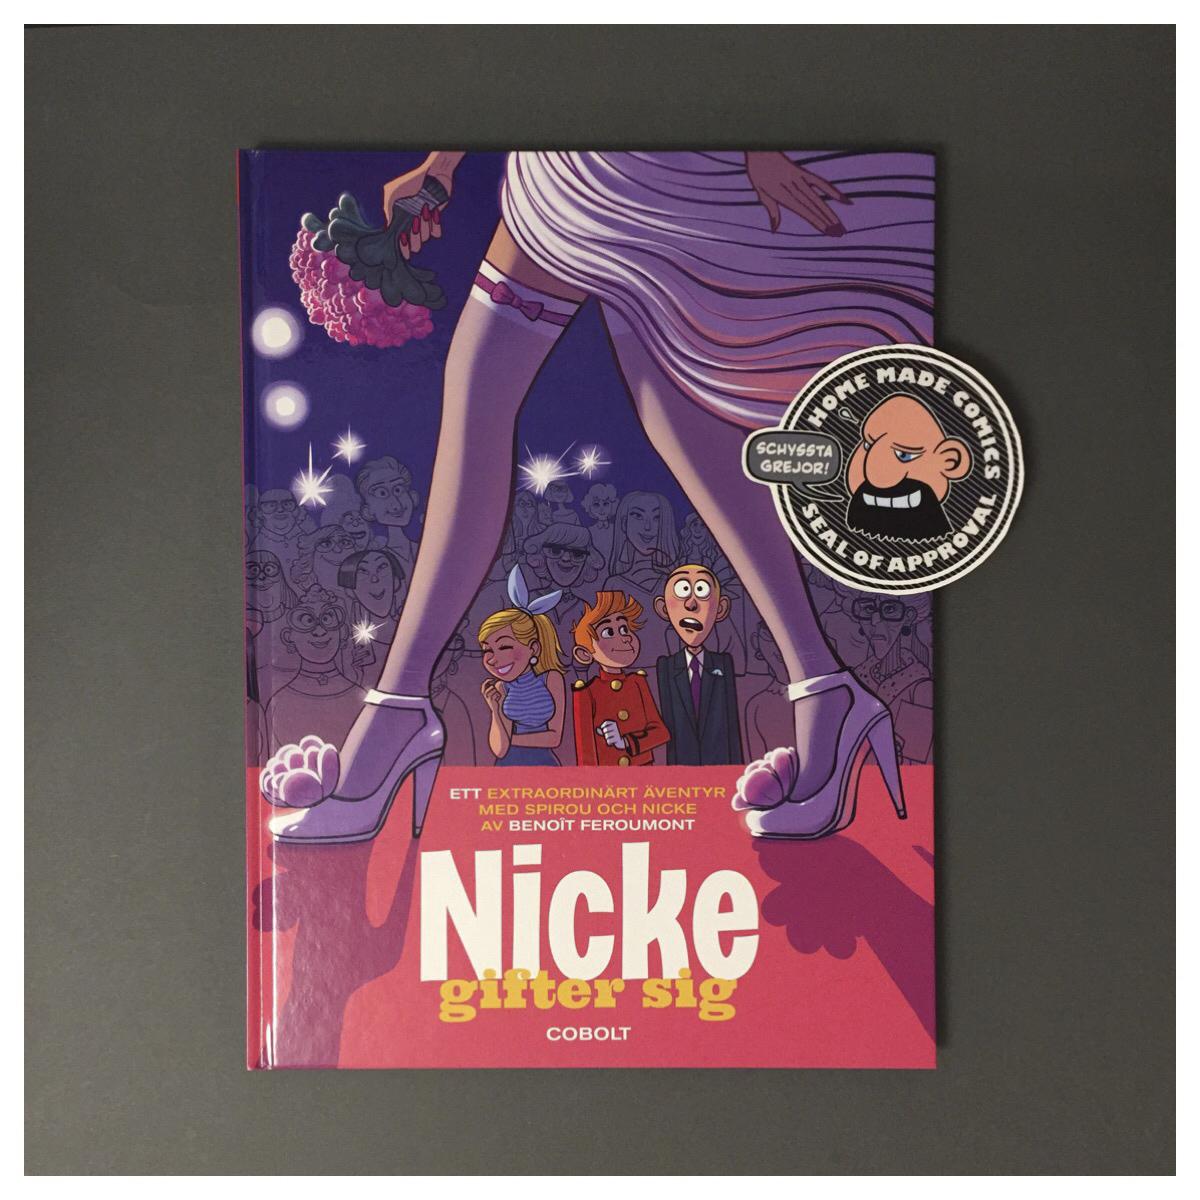 Home Made Comics Seal of Approval #234. Nicke gifter sig av Benoît Feroumont utgiven av Cobolt 2016.